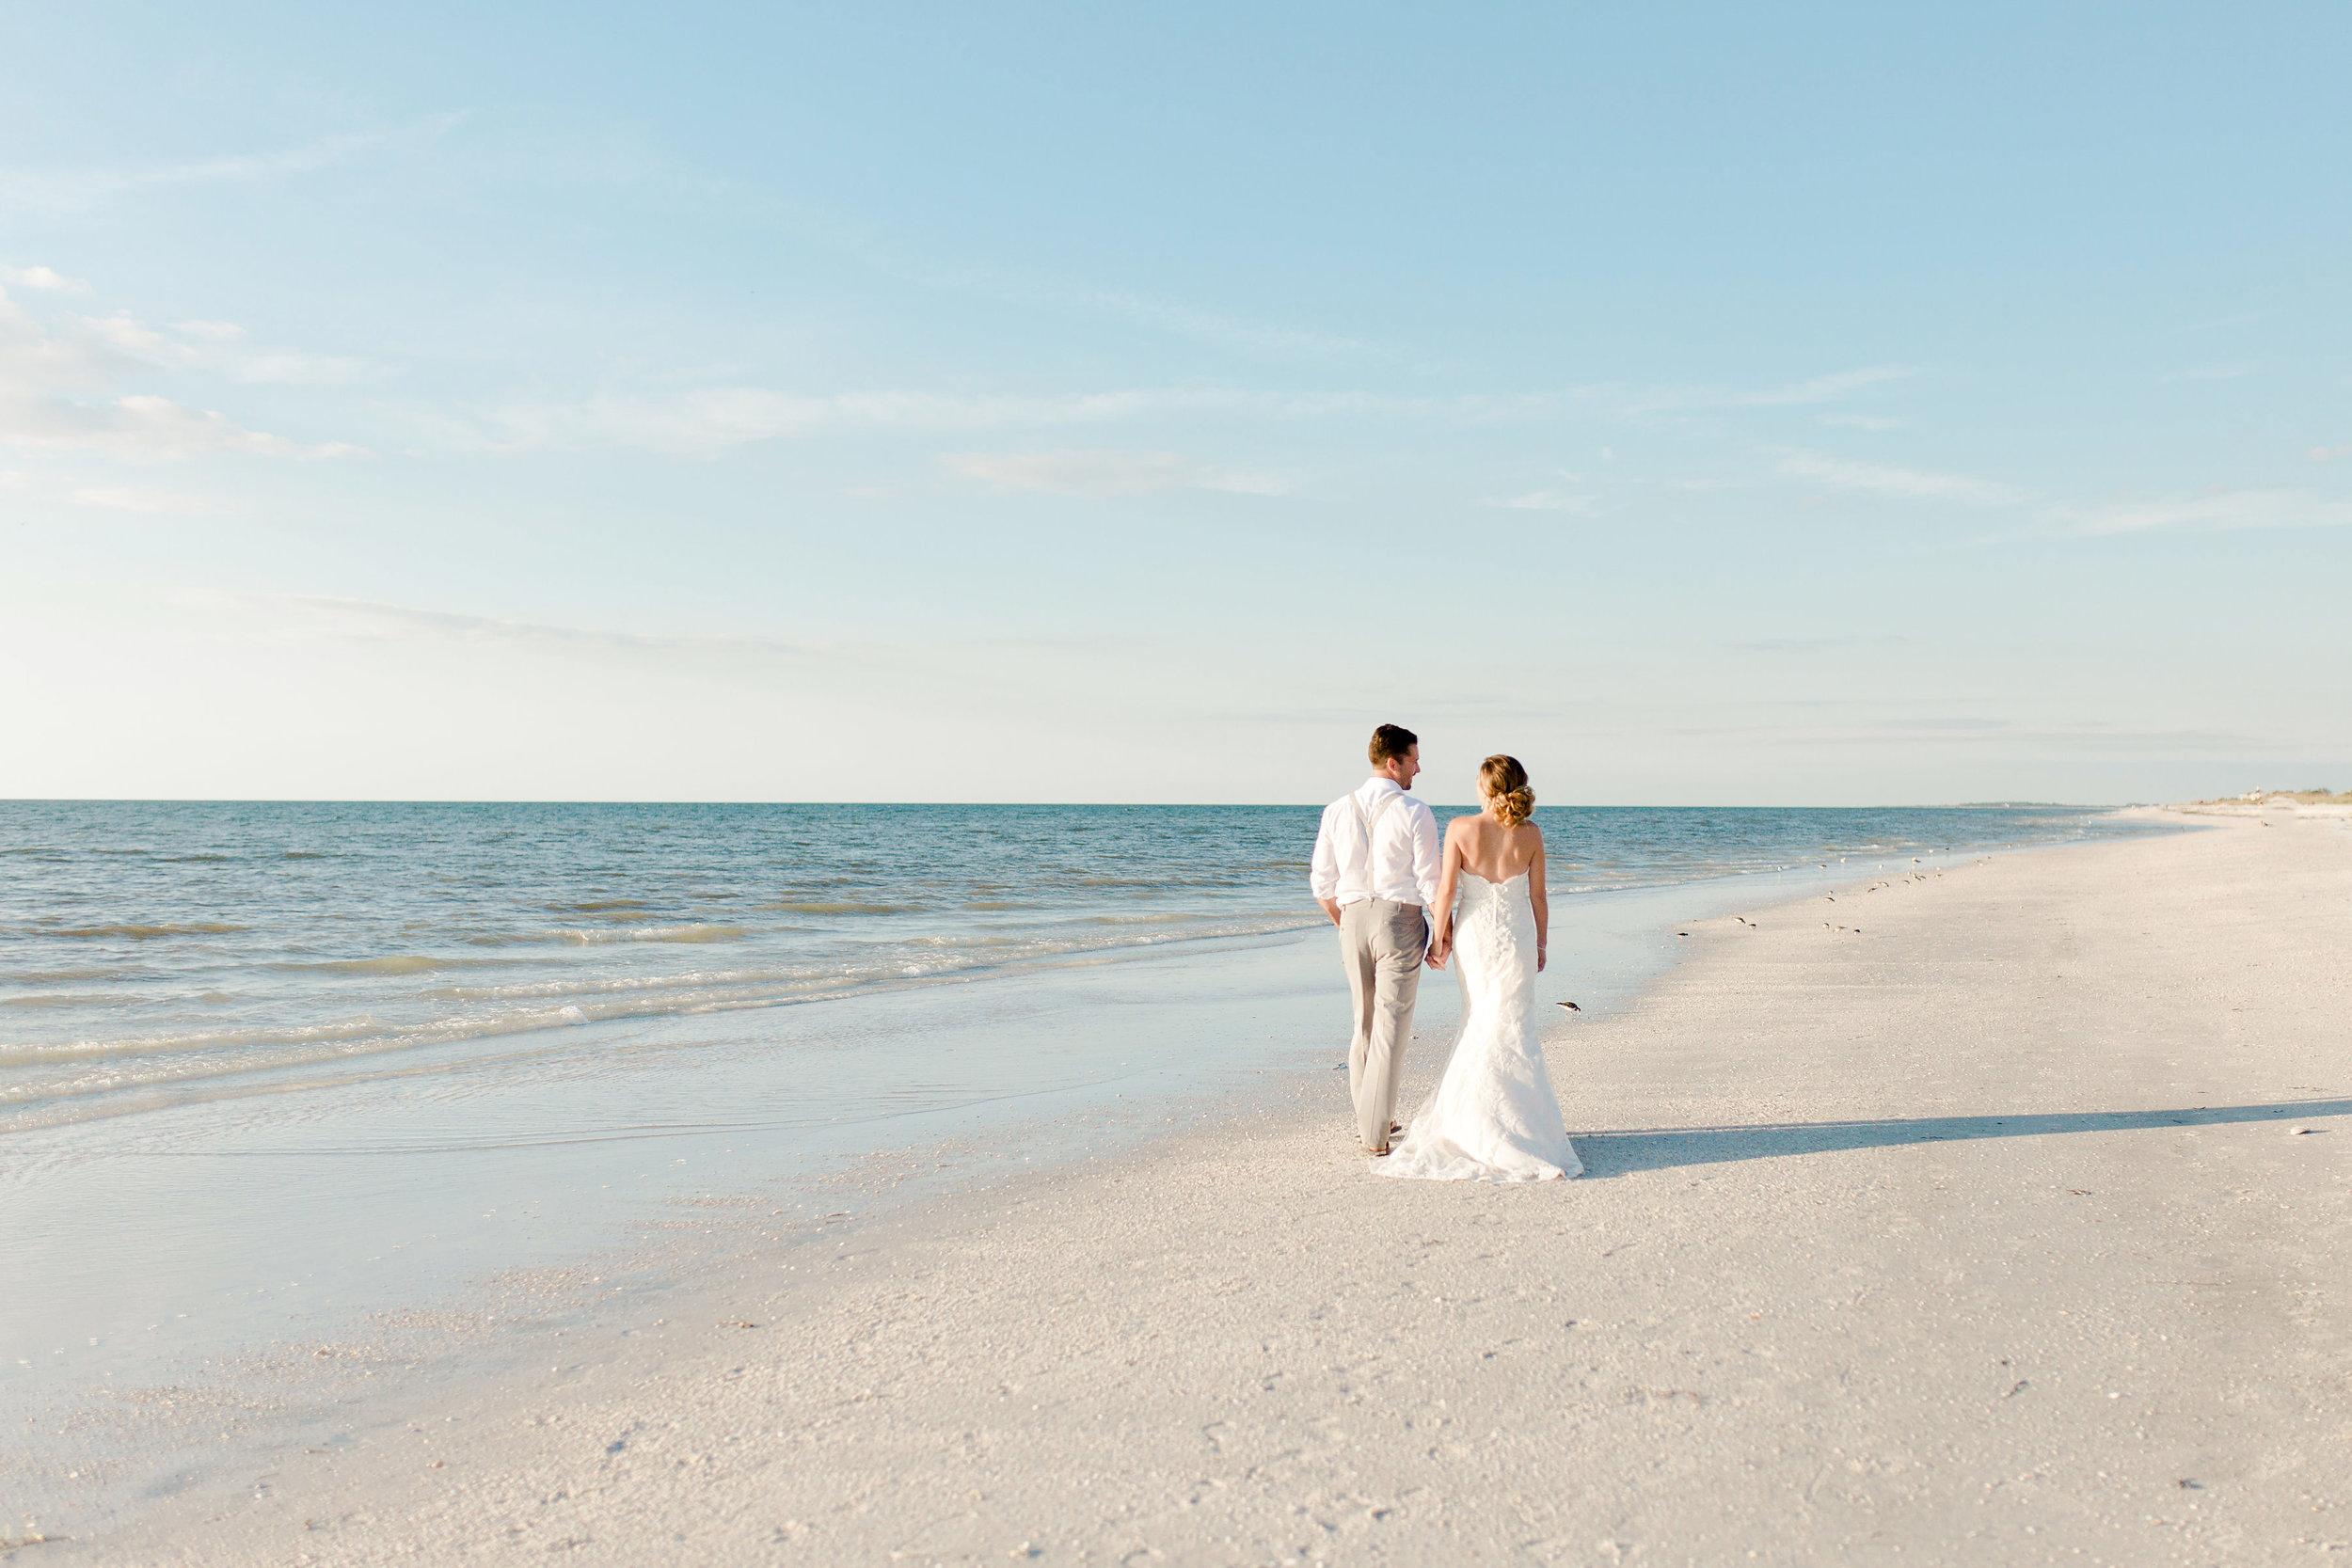 Erin-Jared-clearwater-beach-wedding-portraits-I58A5887.jpg